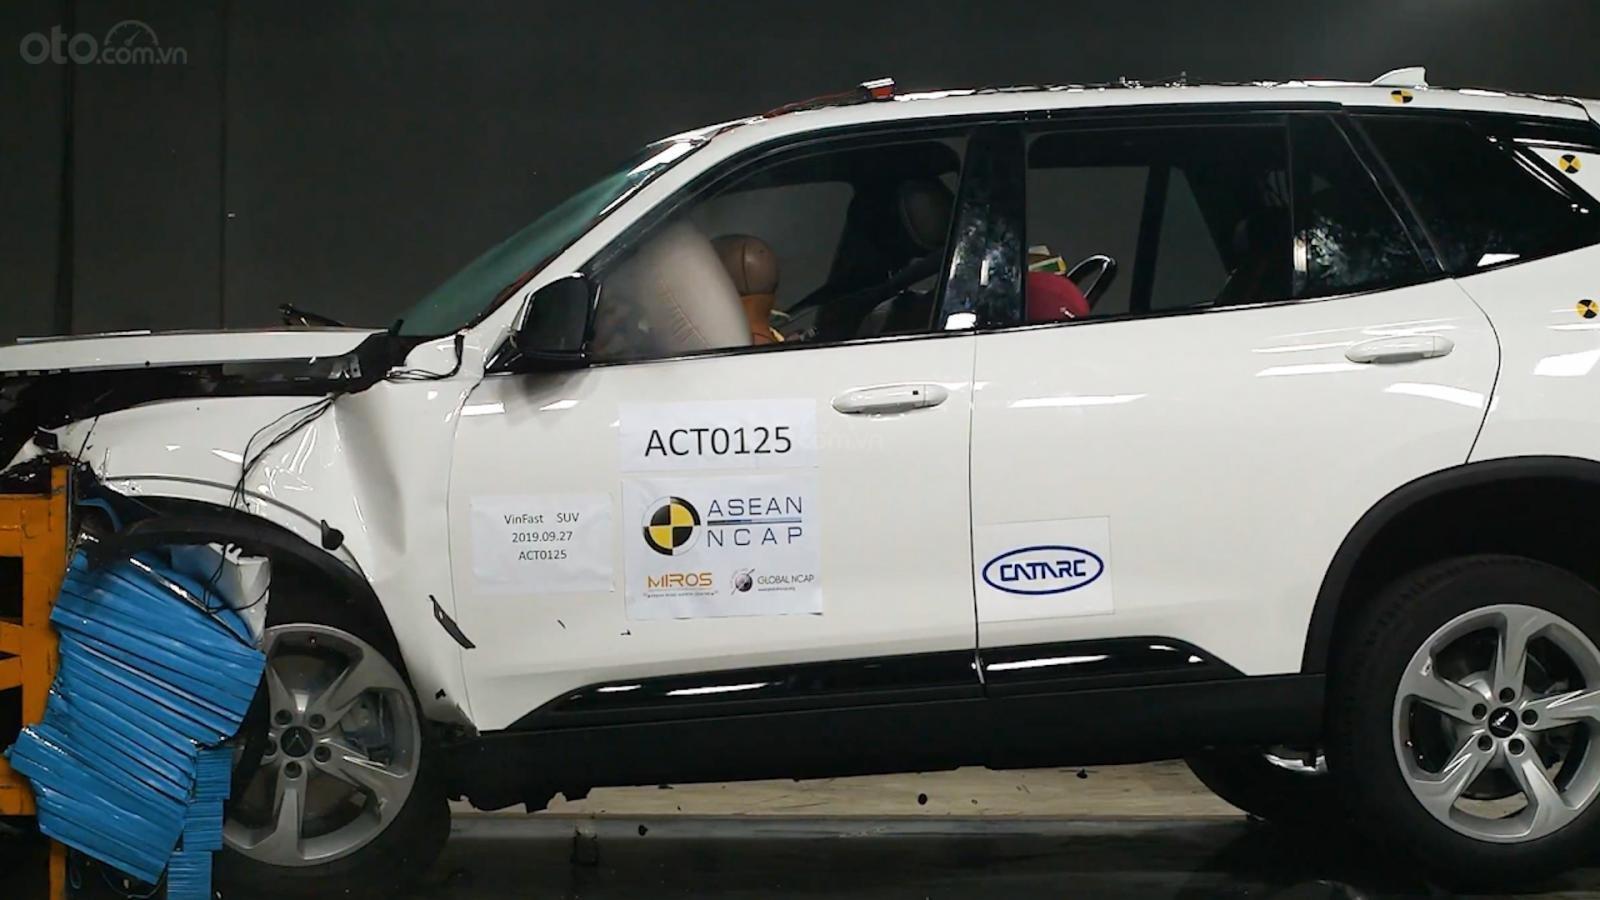 3 mẫu xe của VinFast được thử nghiệm tại trung tâm ASEAN NCAP.